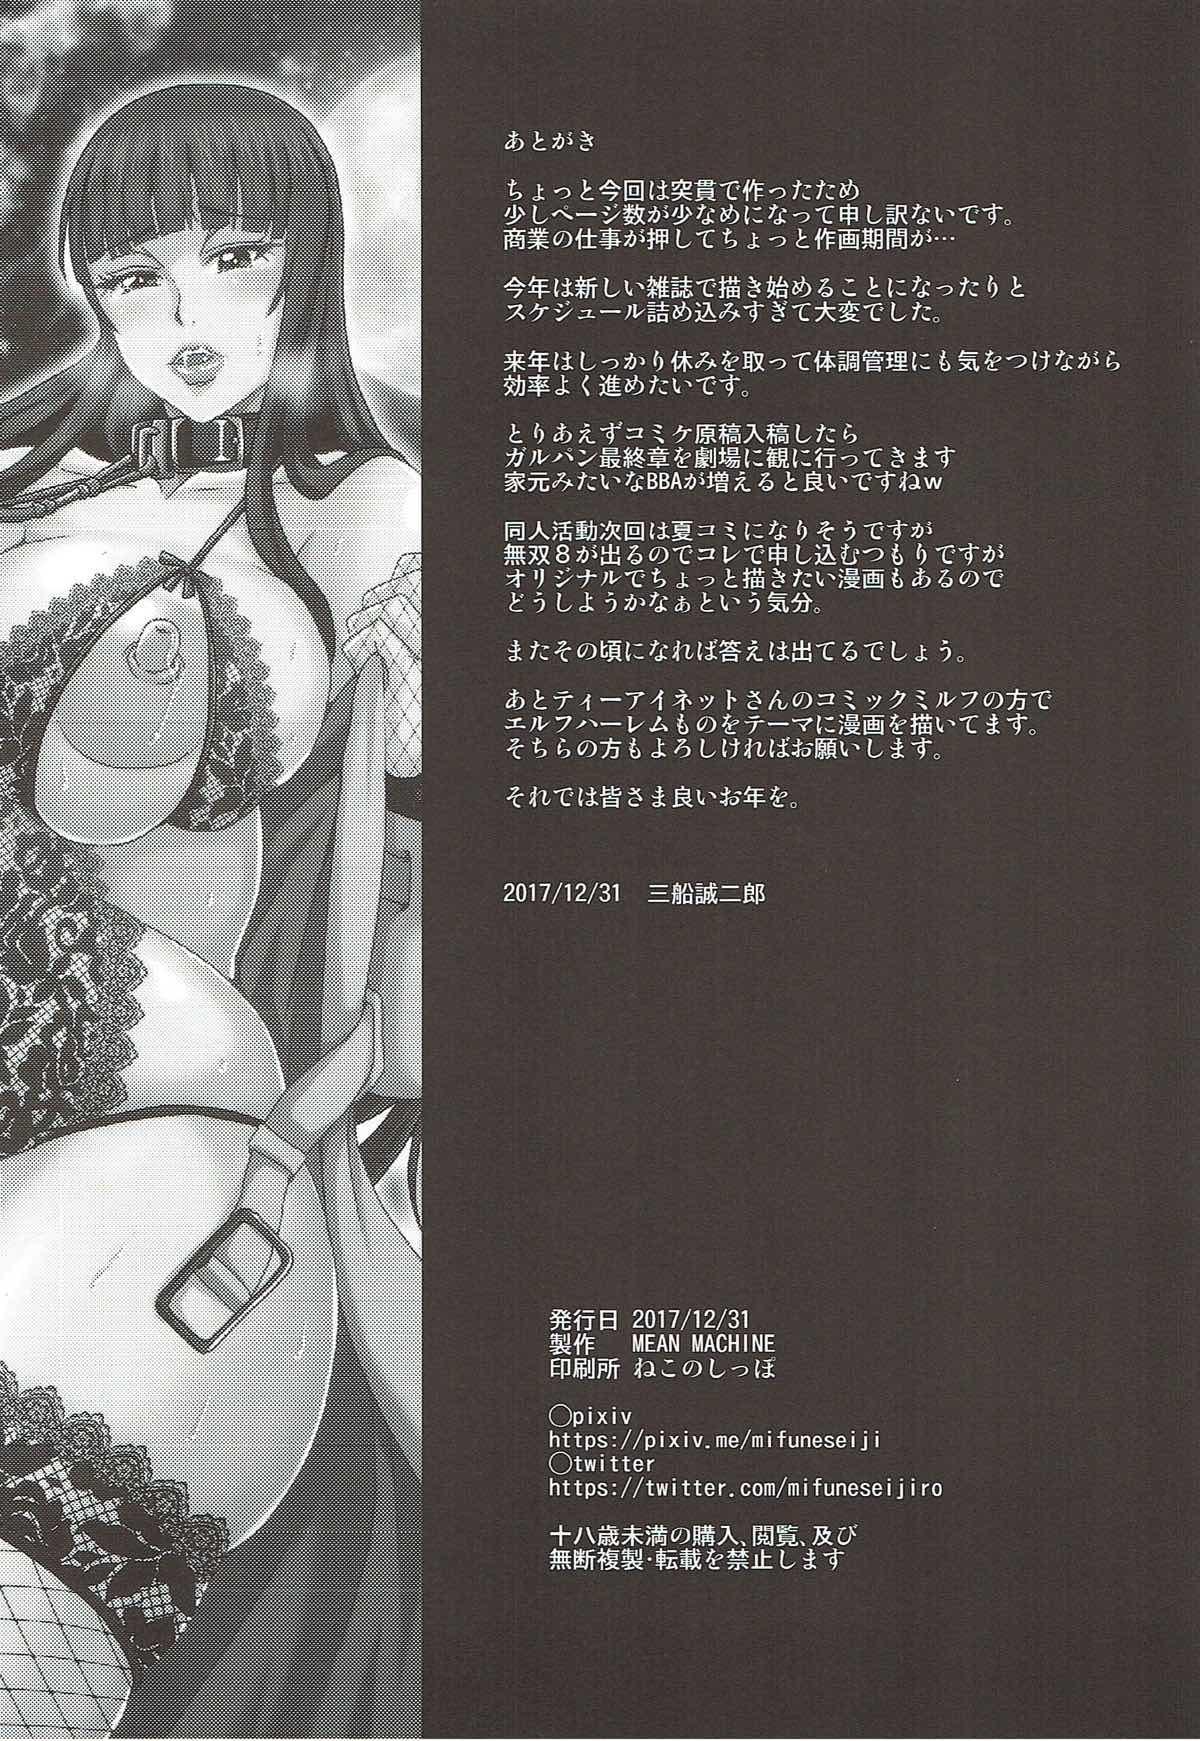 (C93) [MEAN MACHINE (Mifune Seijirou)] Nishizumi-ryuu Roshutsu-dou Iemoto (Girls und Panzer) 20